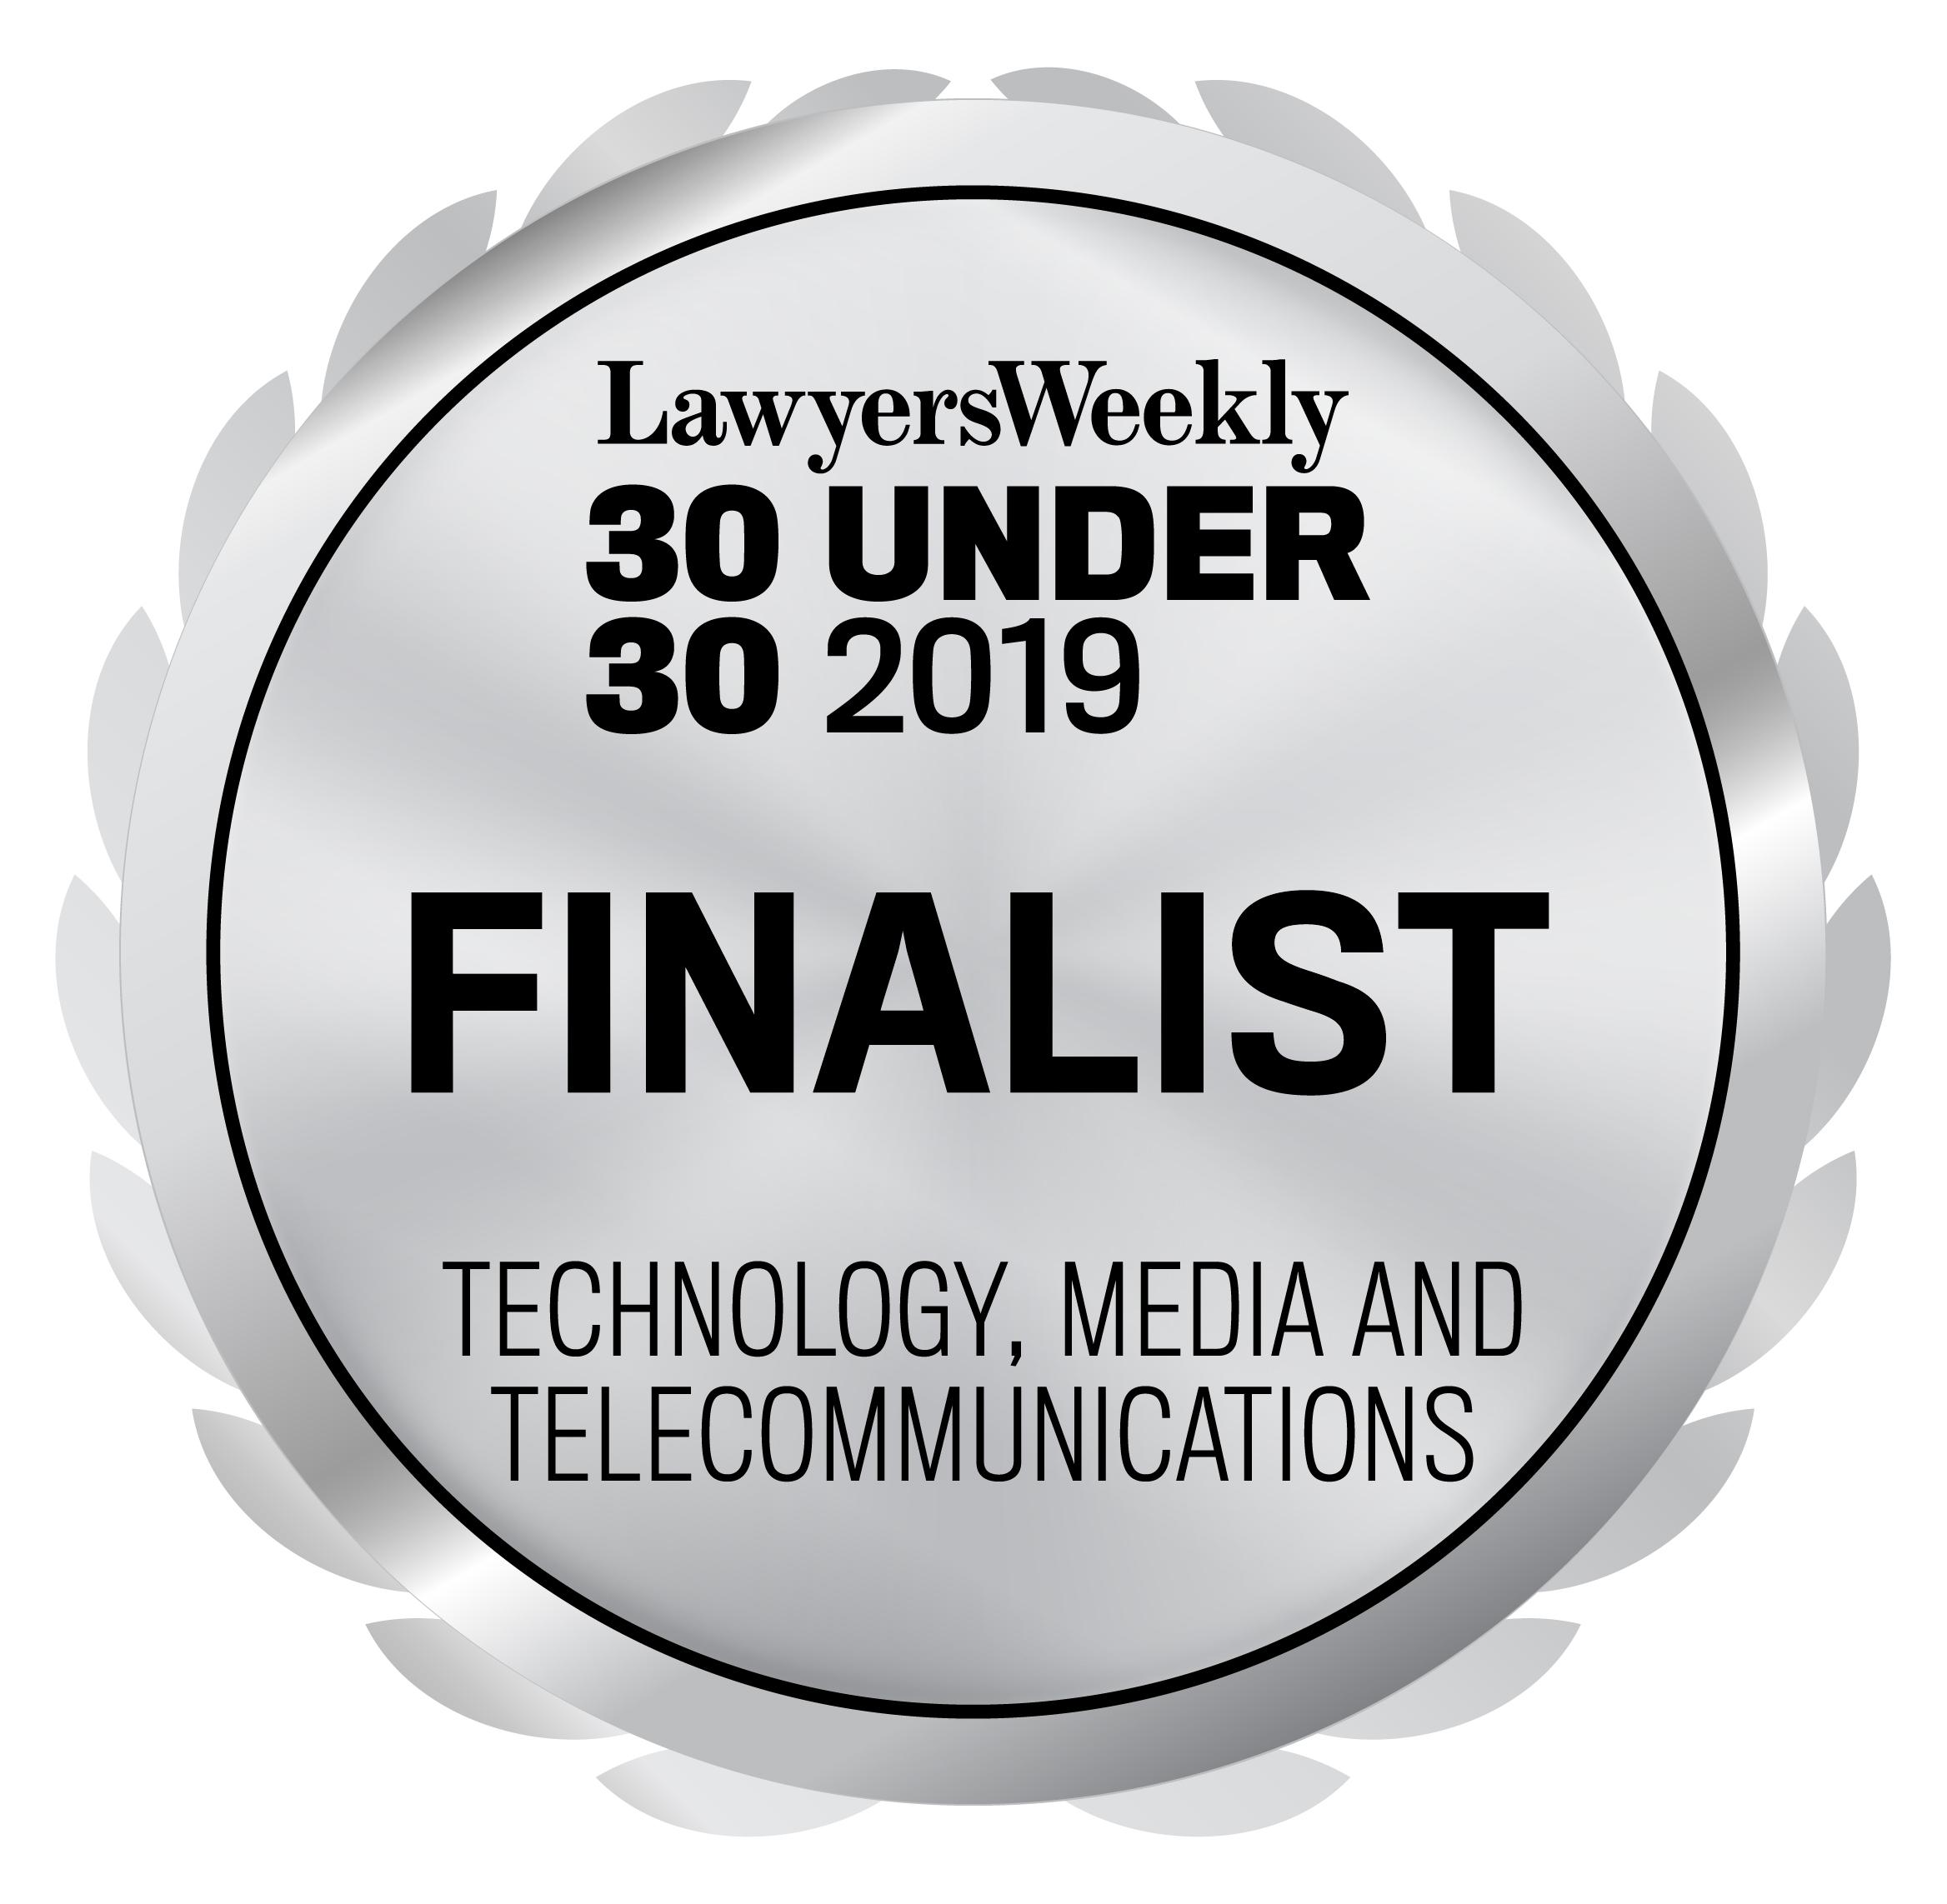 30U30_2019_Seal_Finalist_Technology, Media and Telecommunications